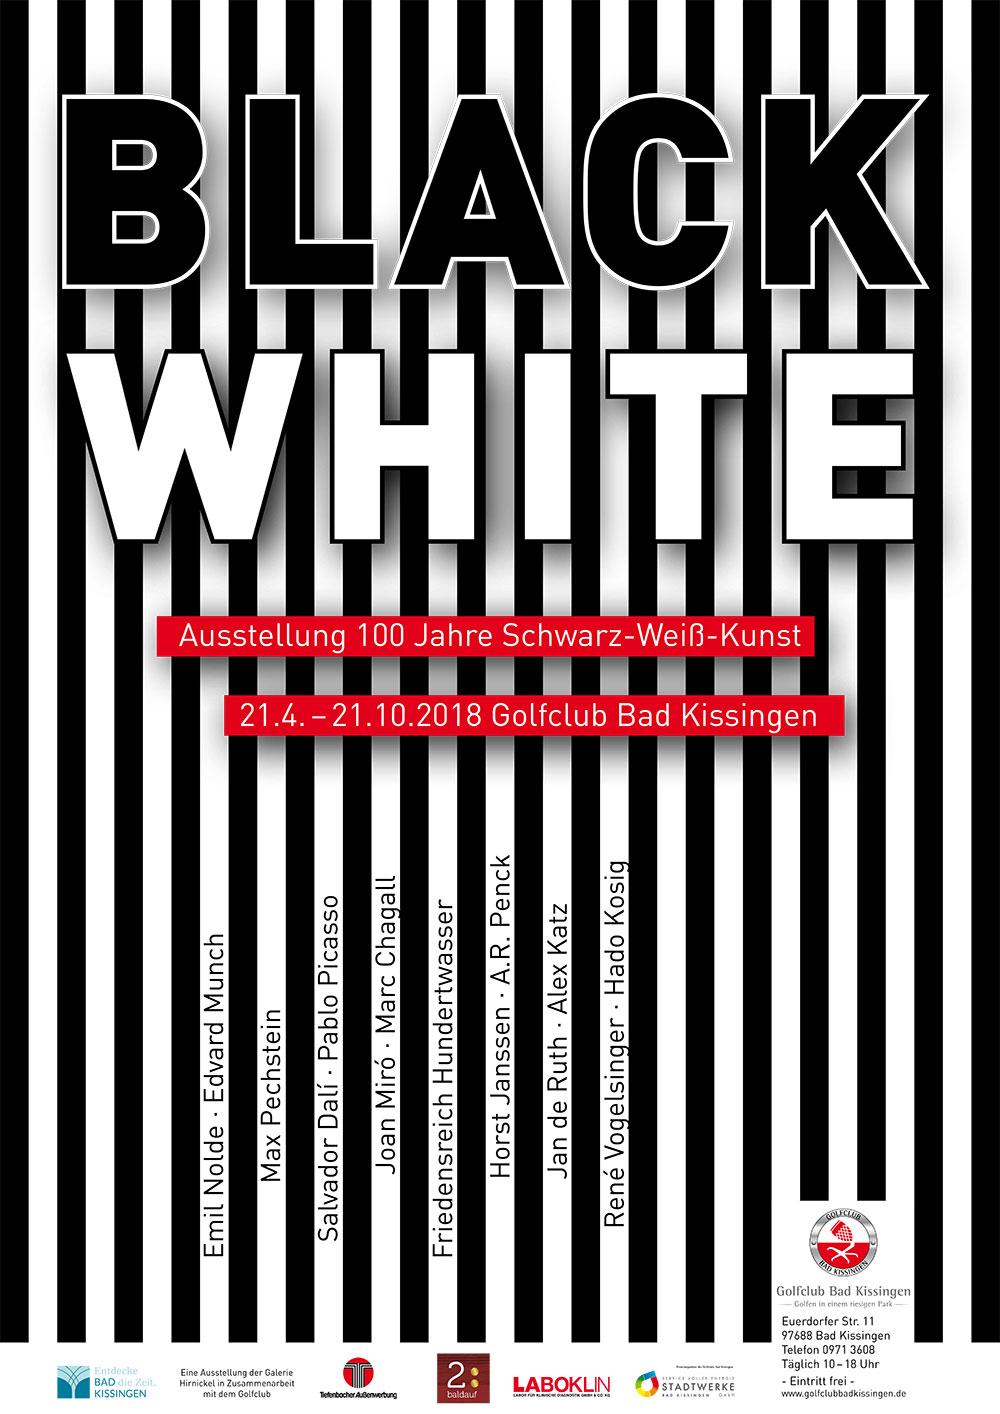 Poster Black & White - 100 Jahre Schwarz-Weiß-Kunst, 21.04 - 21.10 2018, Golfclub Bad Kissingen